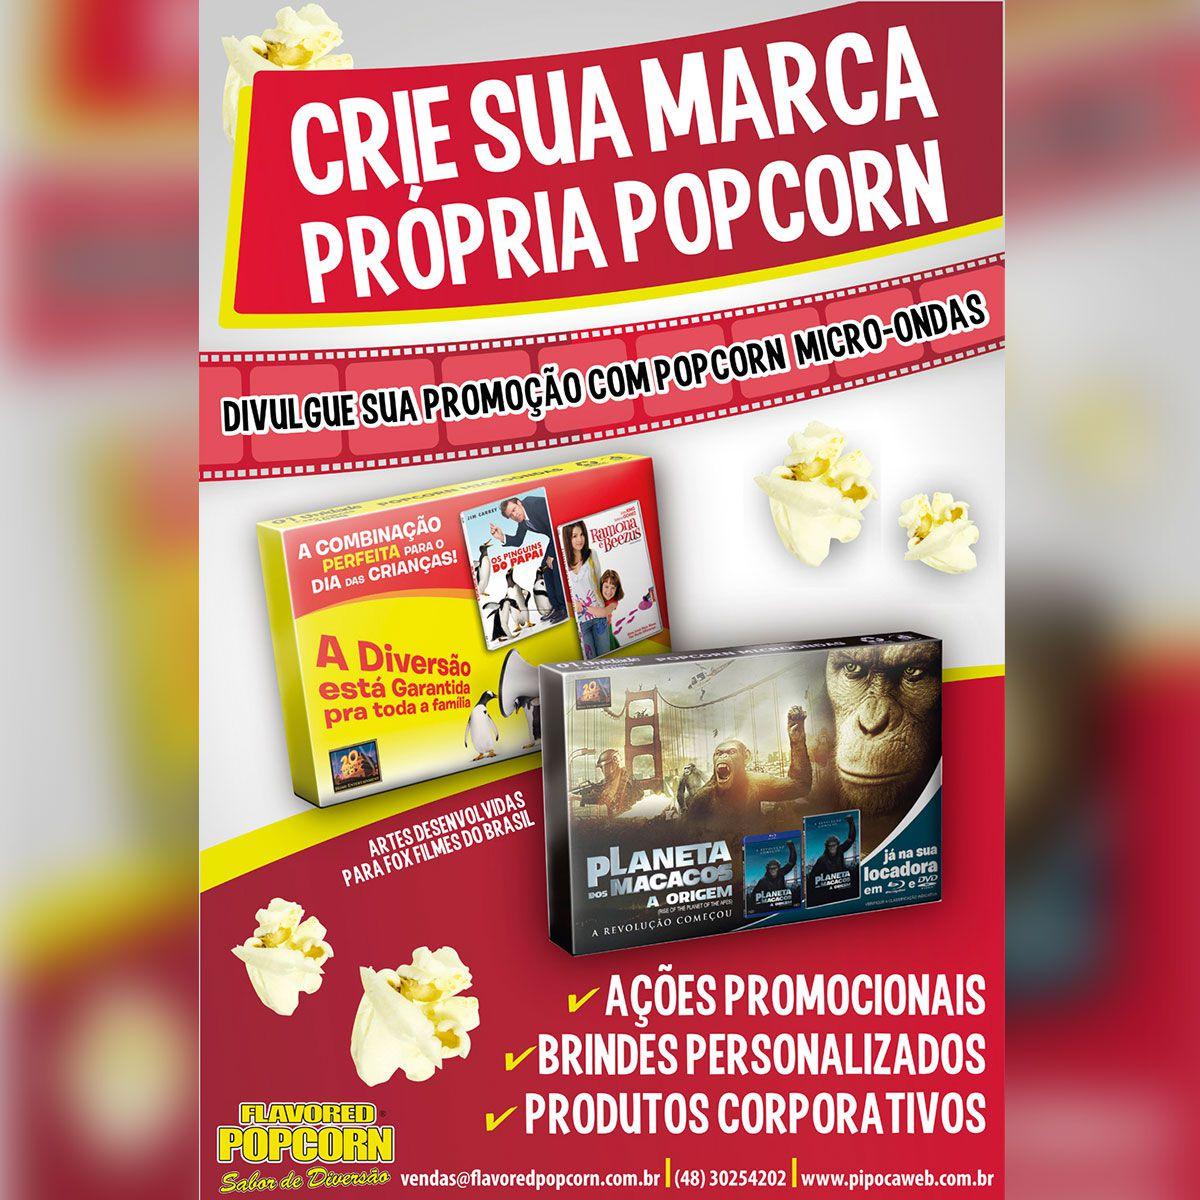 Sua marca própria em popcorn de microondas - Faça seu orçamento